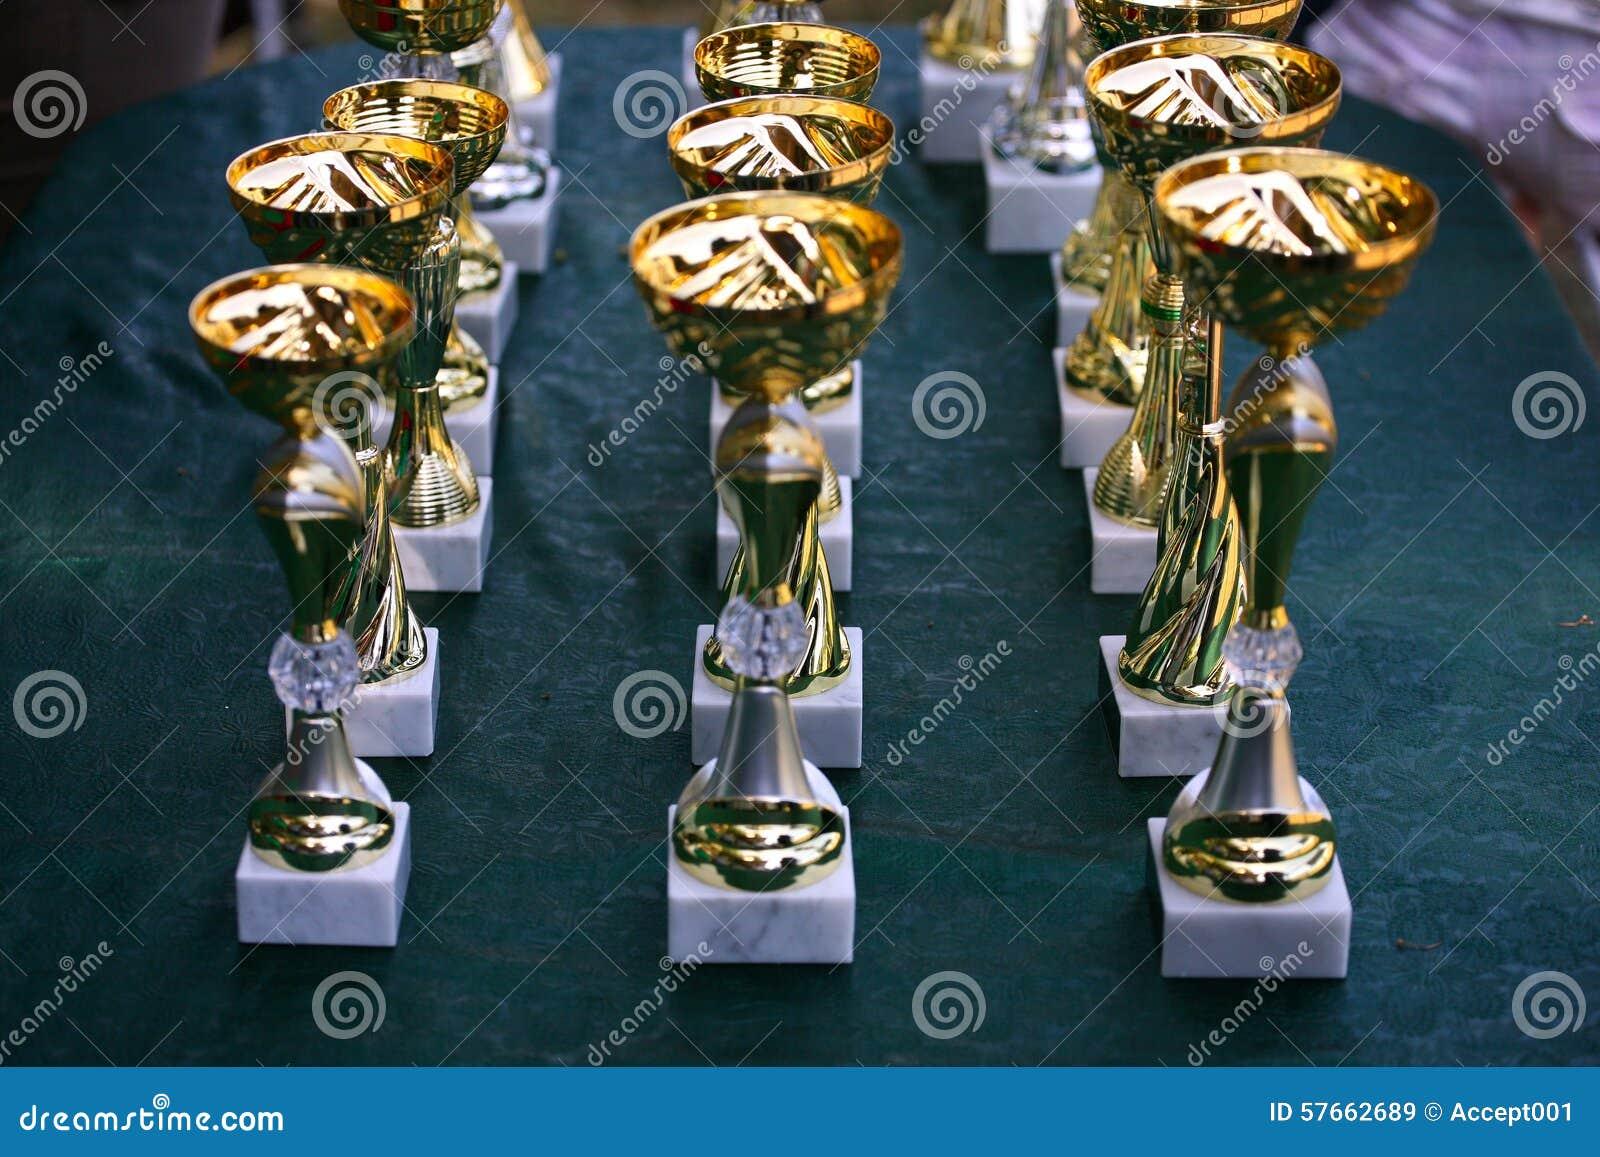 Zakończenie filiżanki trofeum złociste rasy